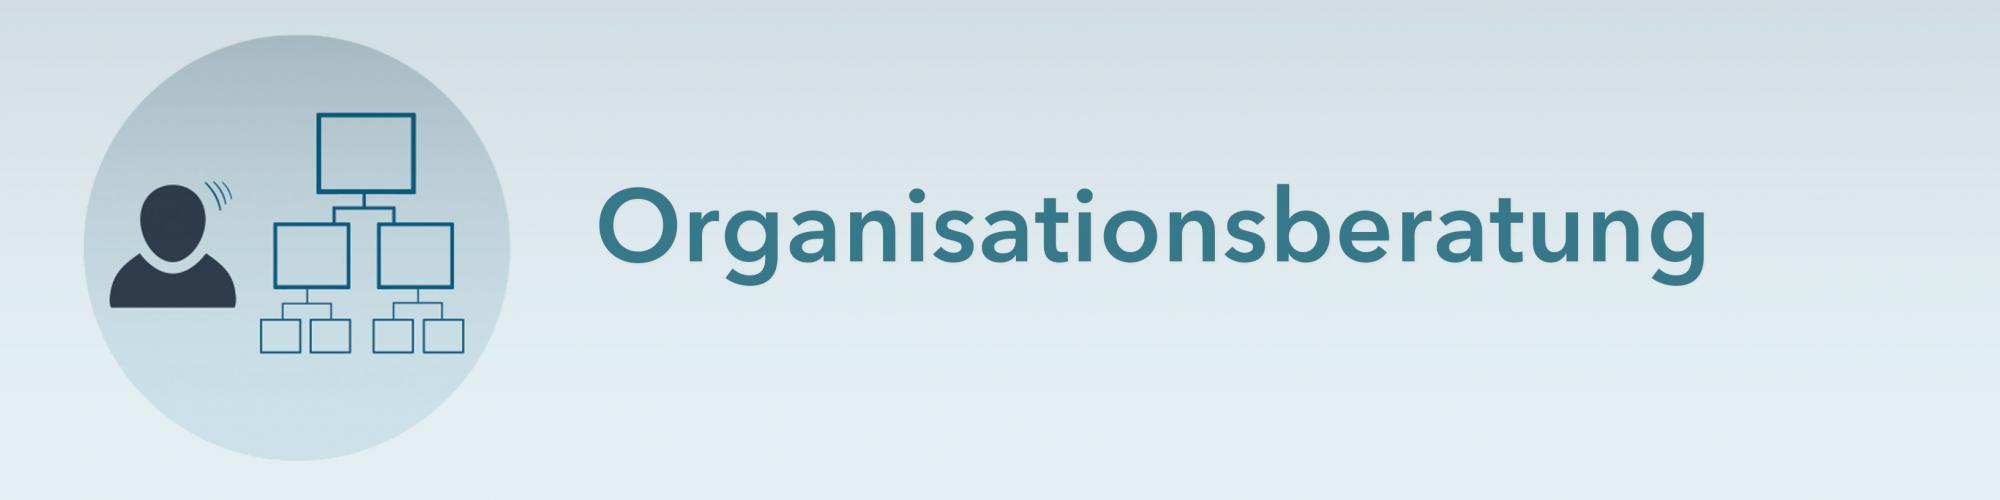 GfV - Gesellschaft für Verwaltungsberatung mbH